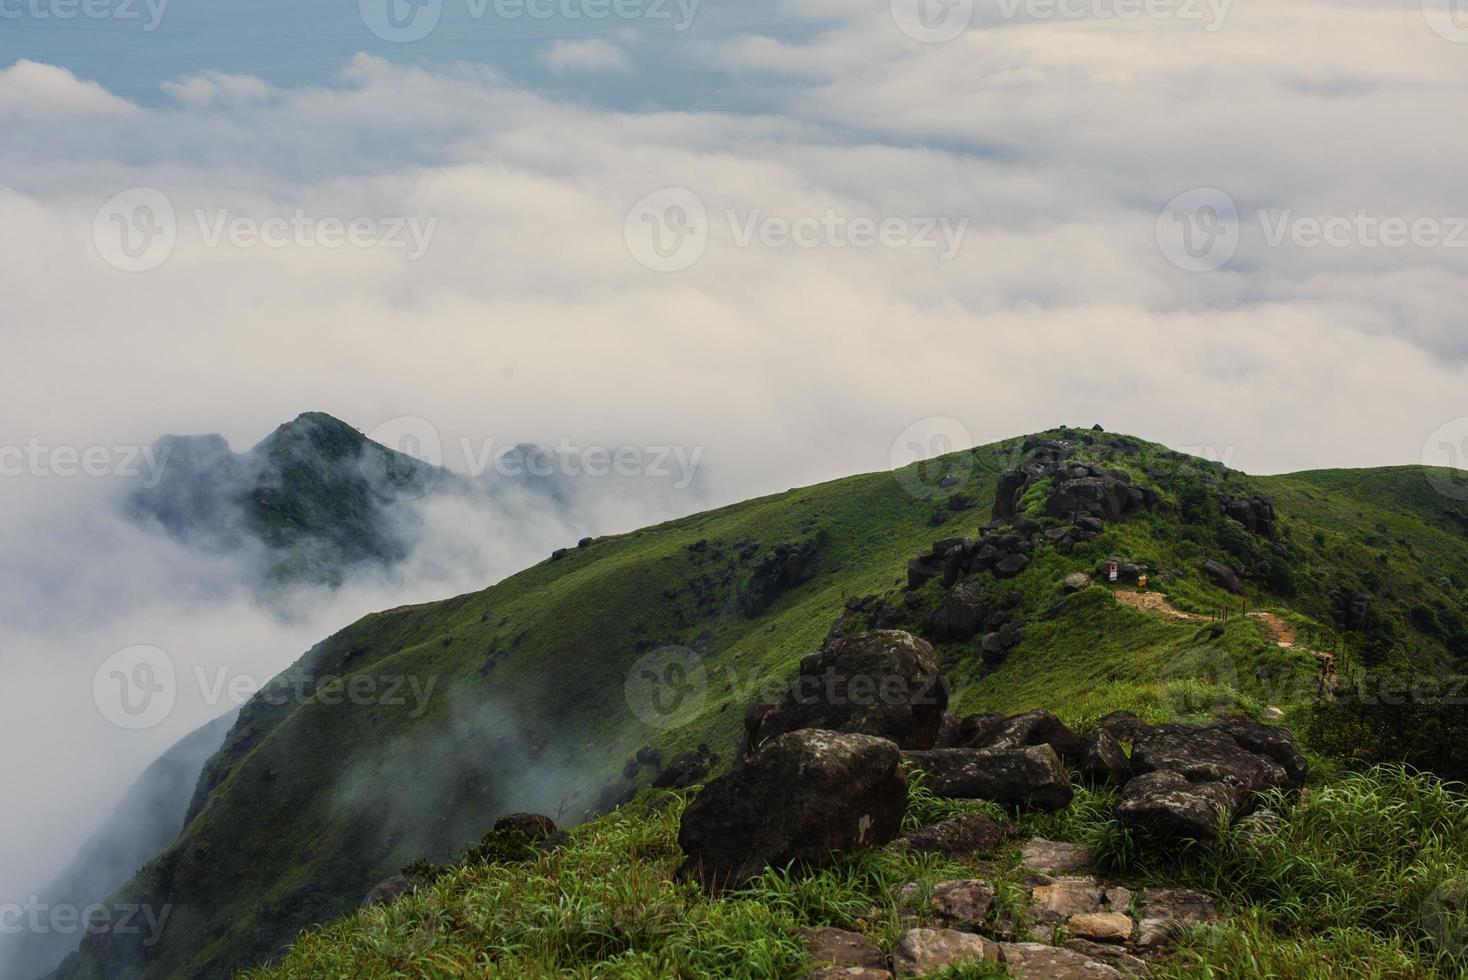 mar de nubes a lo largo de las montañas (sendero lantau, hong kong) foto